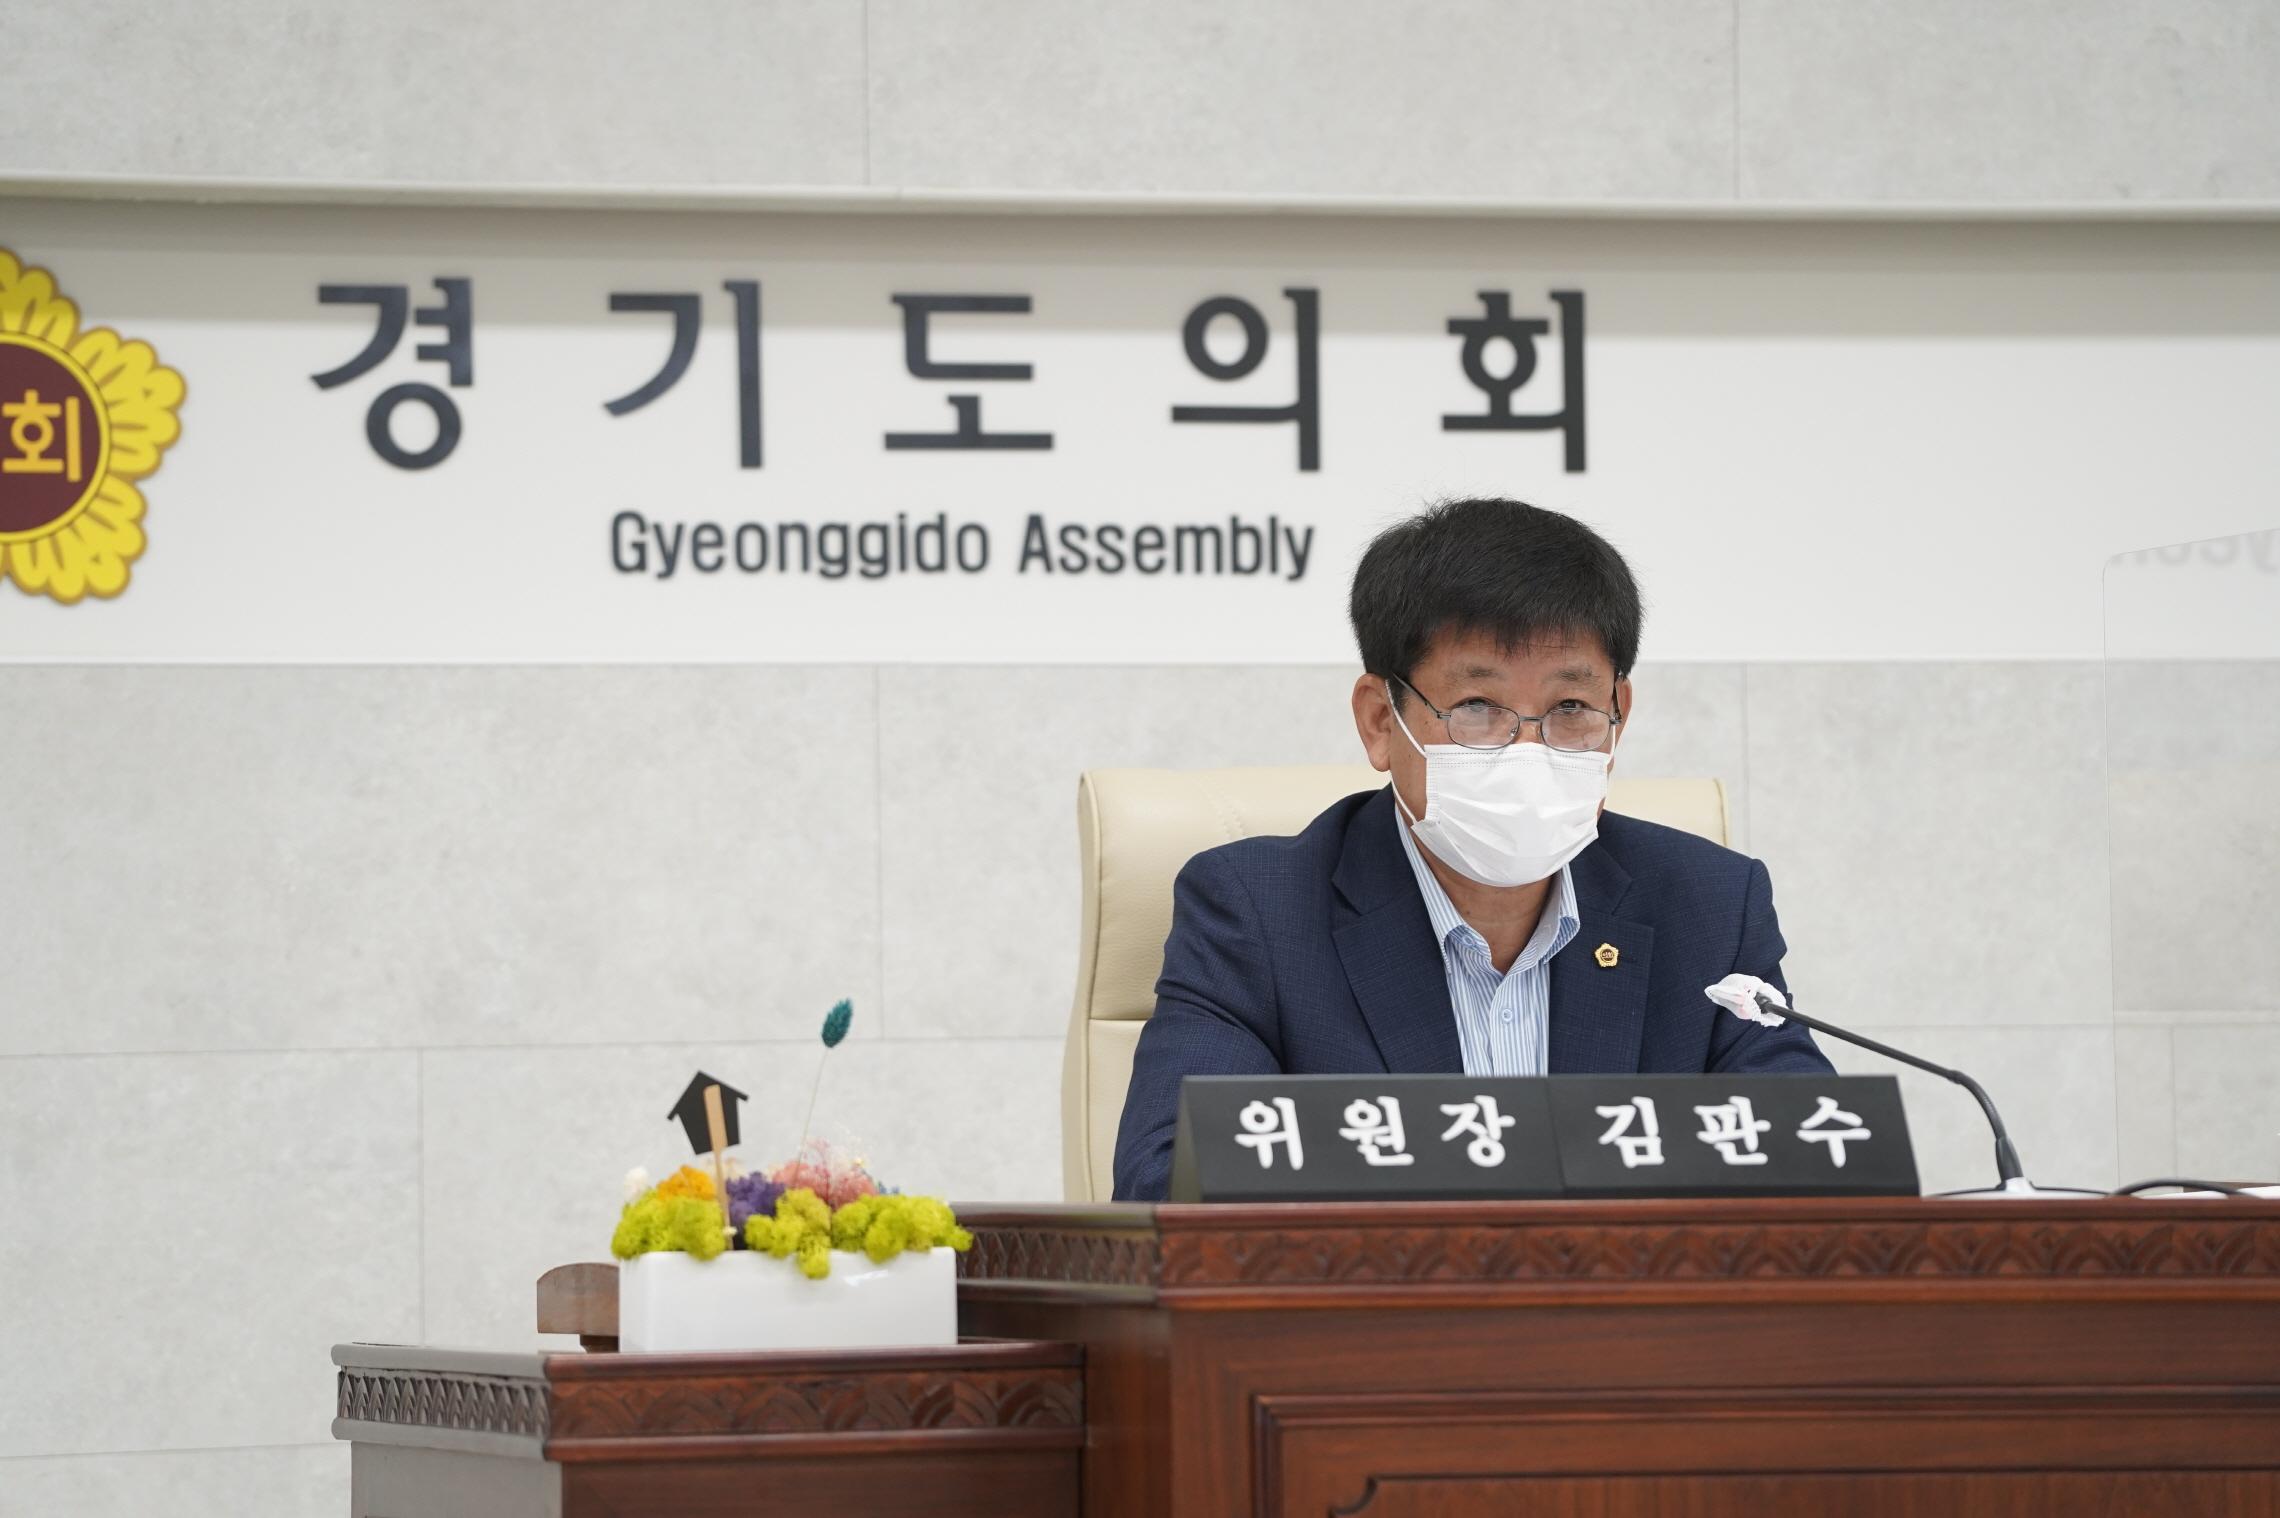 김판수 의원, '경기도 공동주택의 옥상피난설비 관리 및 지원에 관한 조례안' 상임위 통과